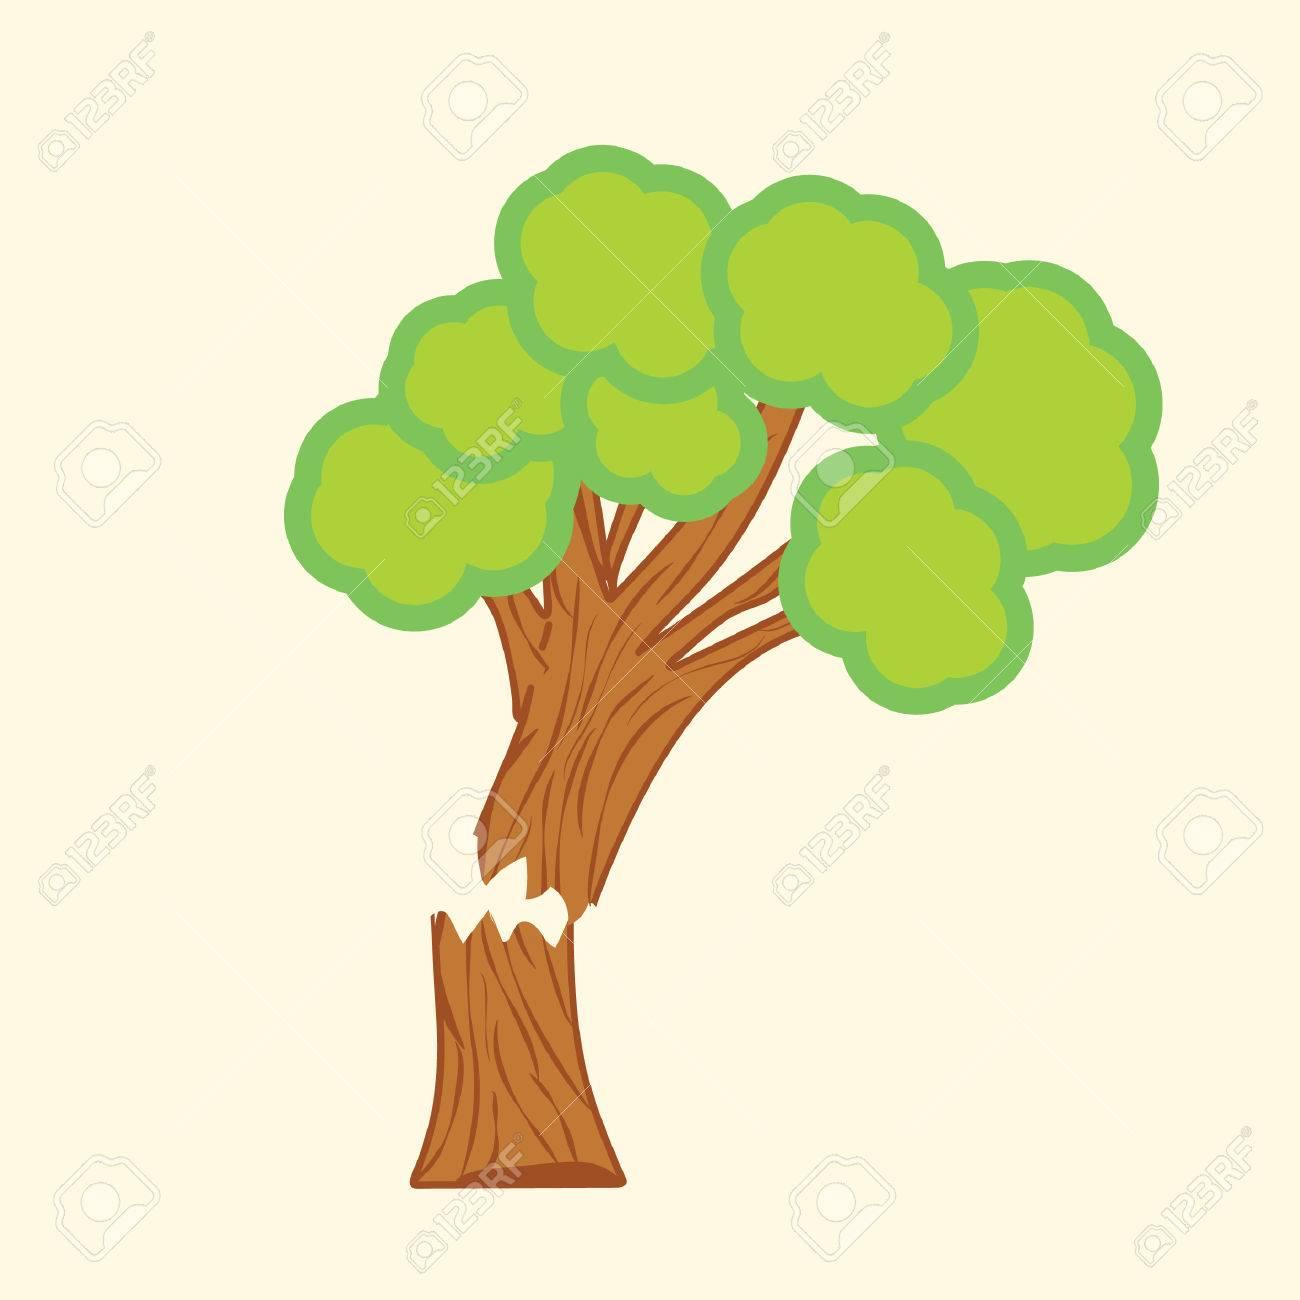 tree with broken trunk.